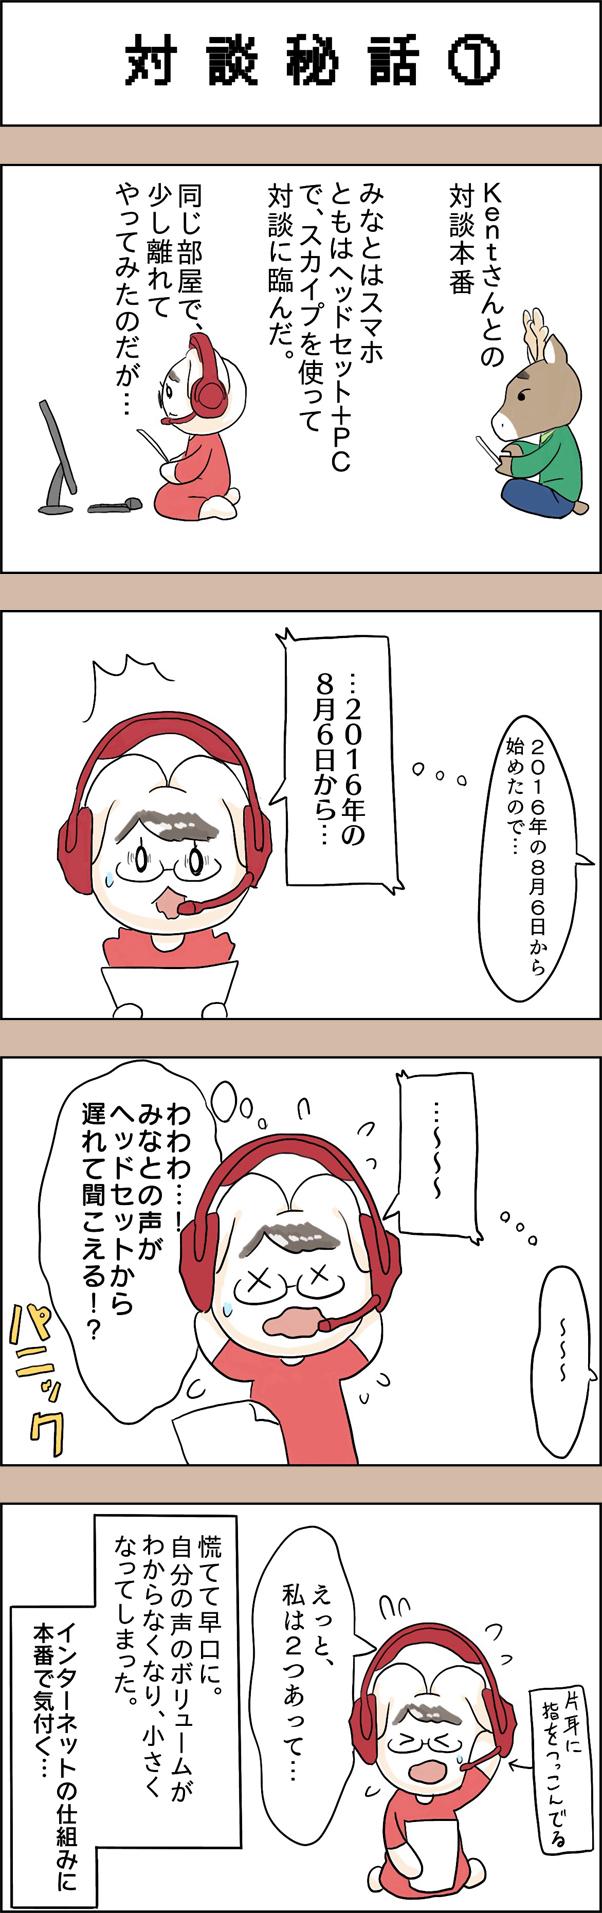 対談秘話1